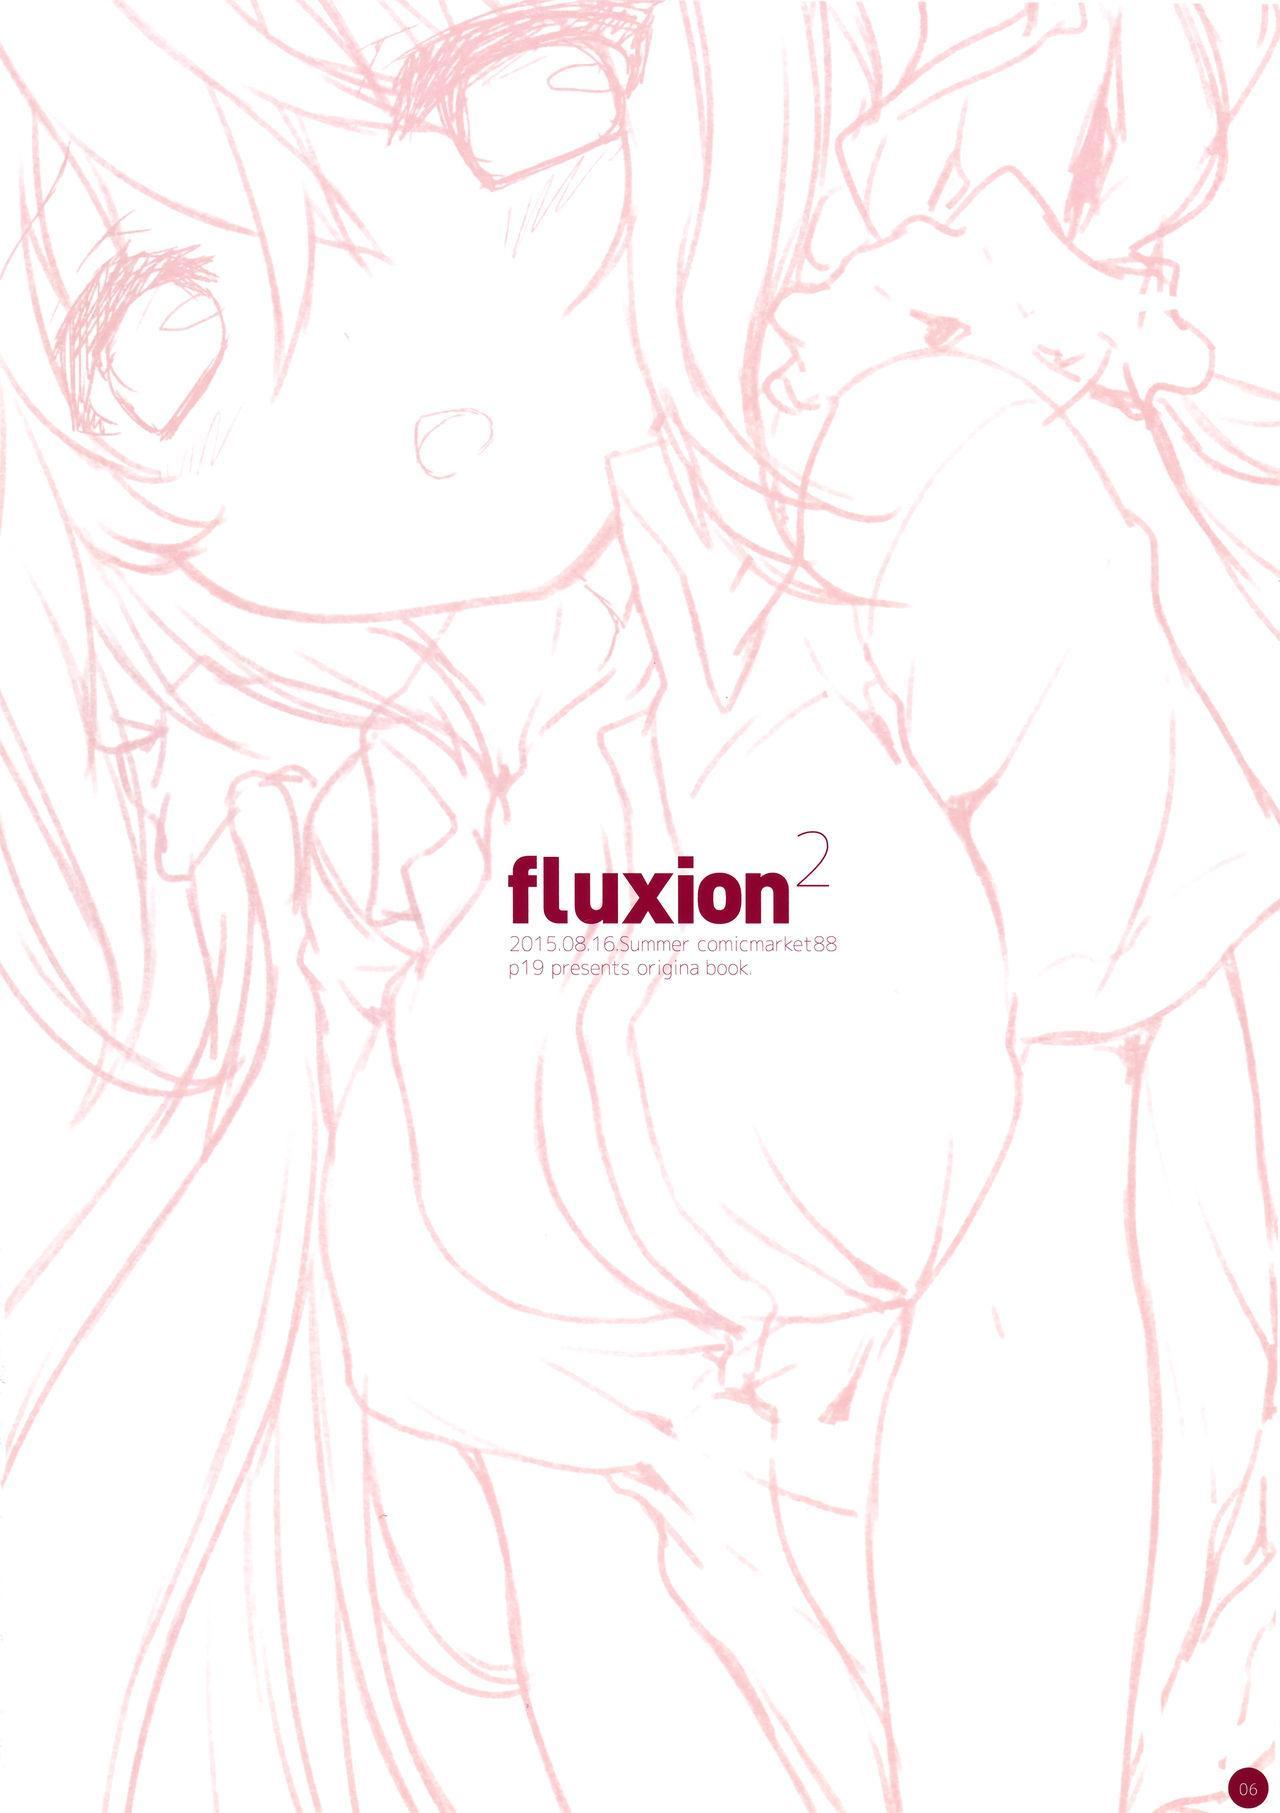 fluxion2 3